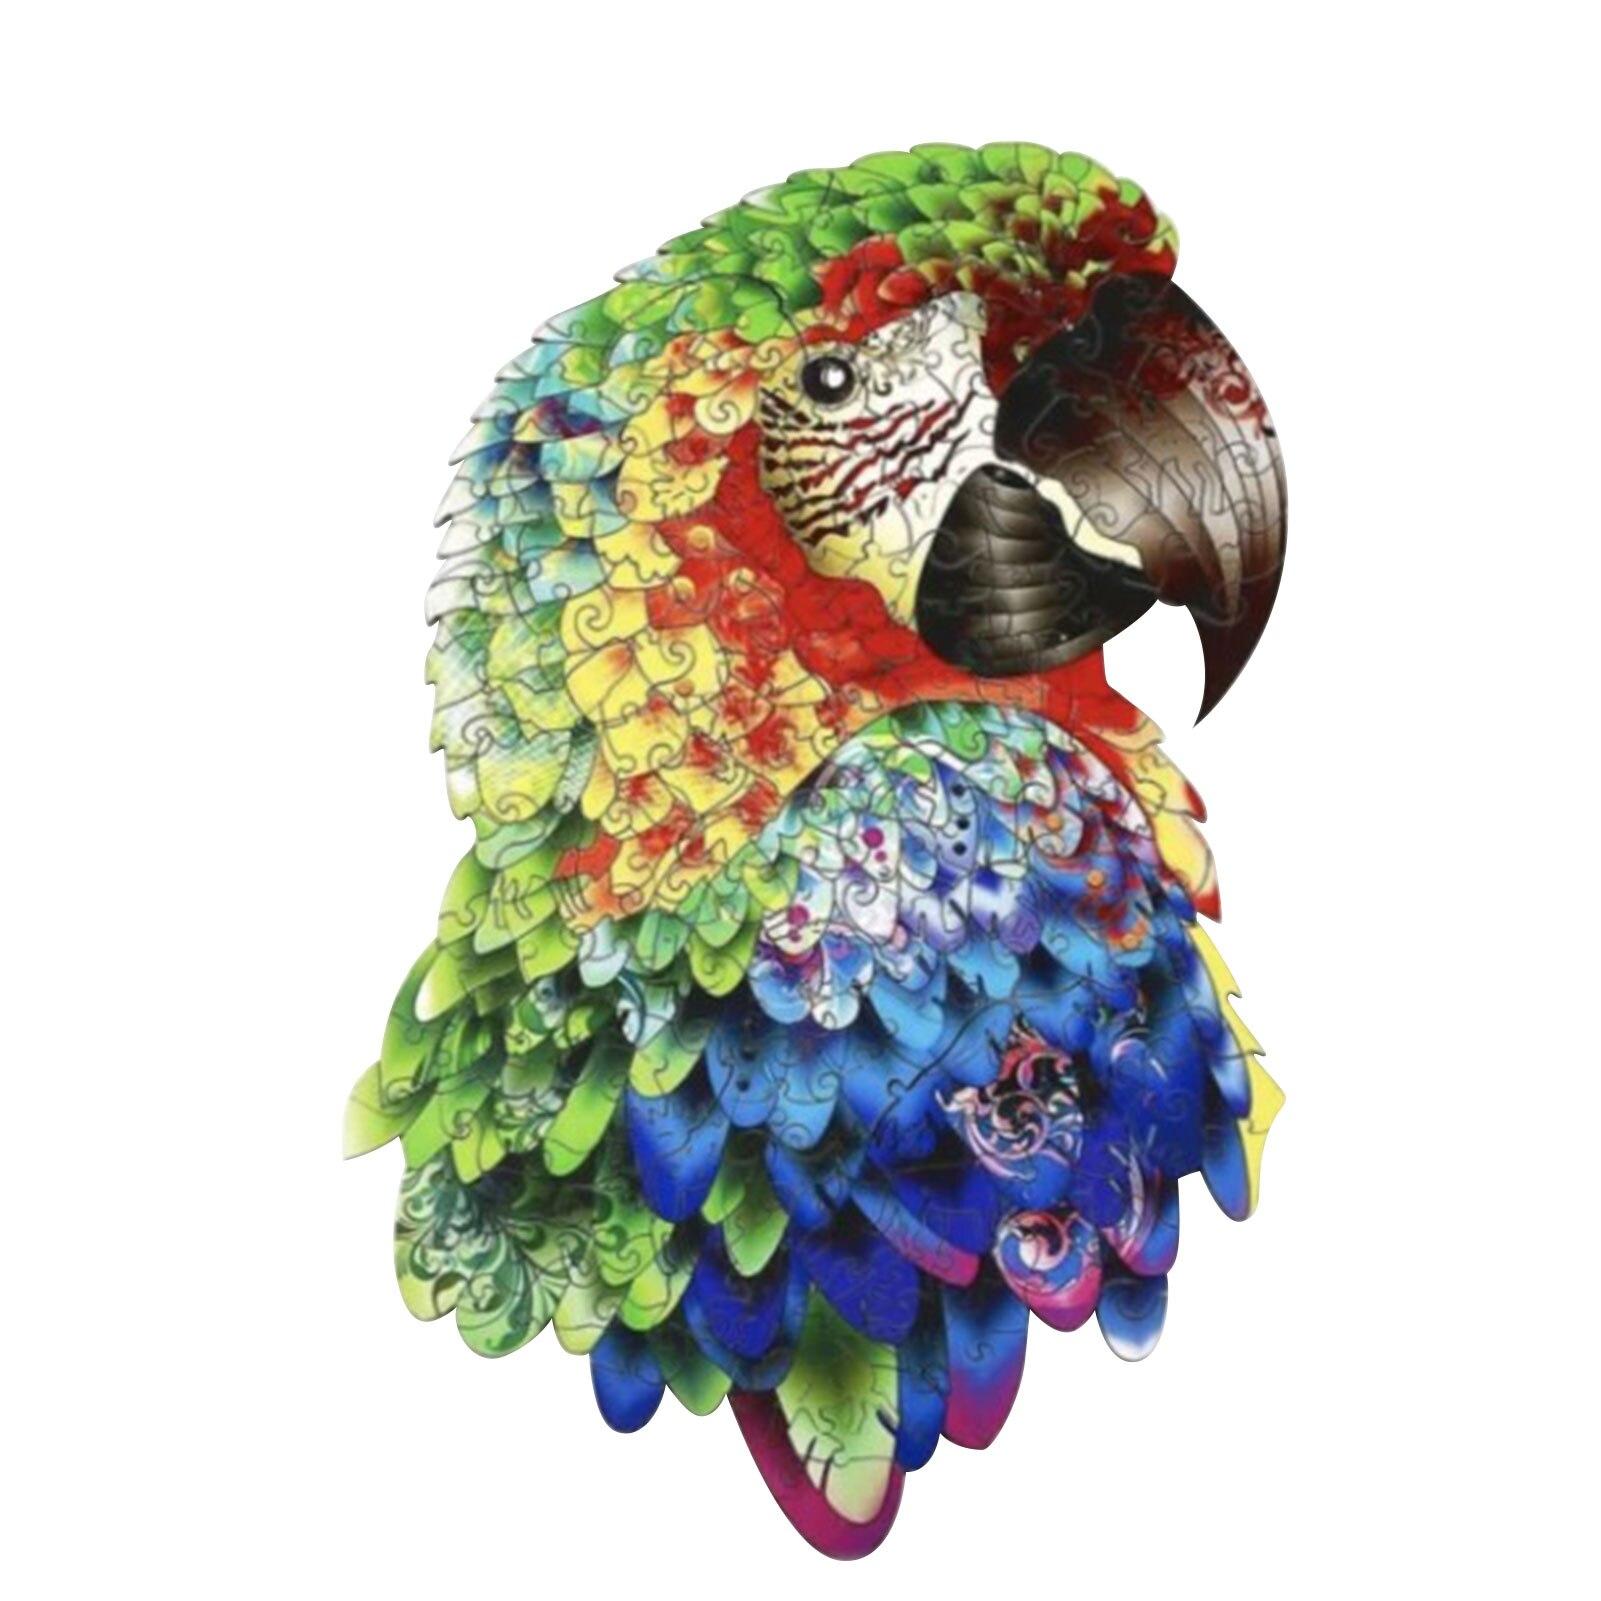 Papagaio de madeira quebra-cabeças para adultos crianças diy artesanato quebra-cabeça peças melhor presente para crianças quebra-cabeça